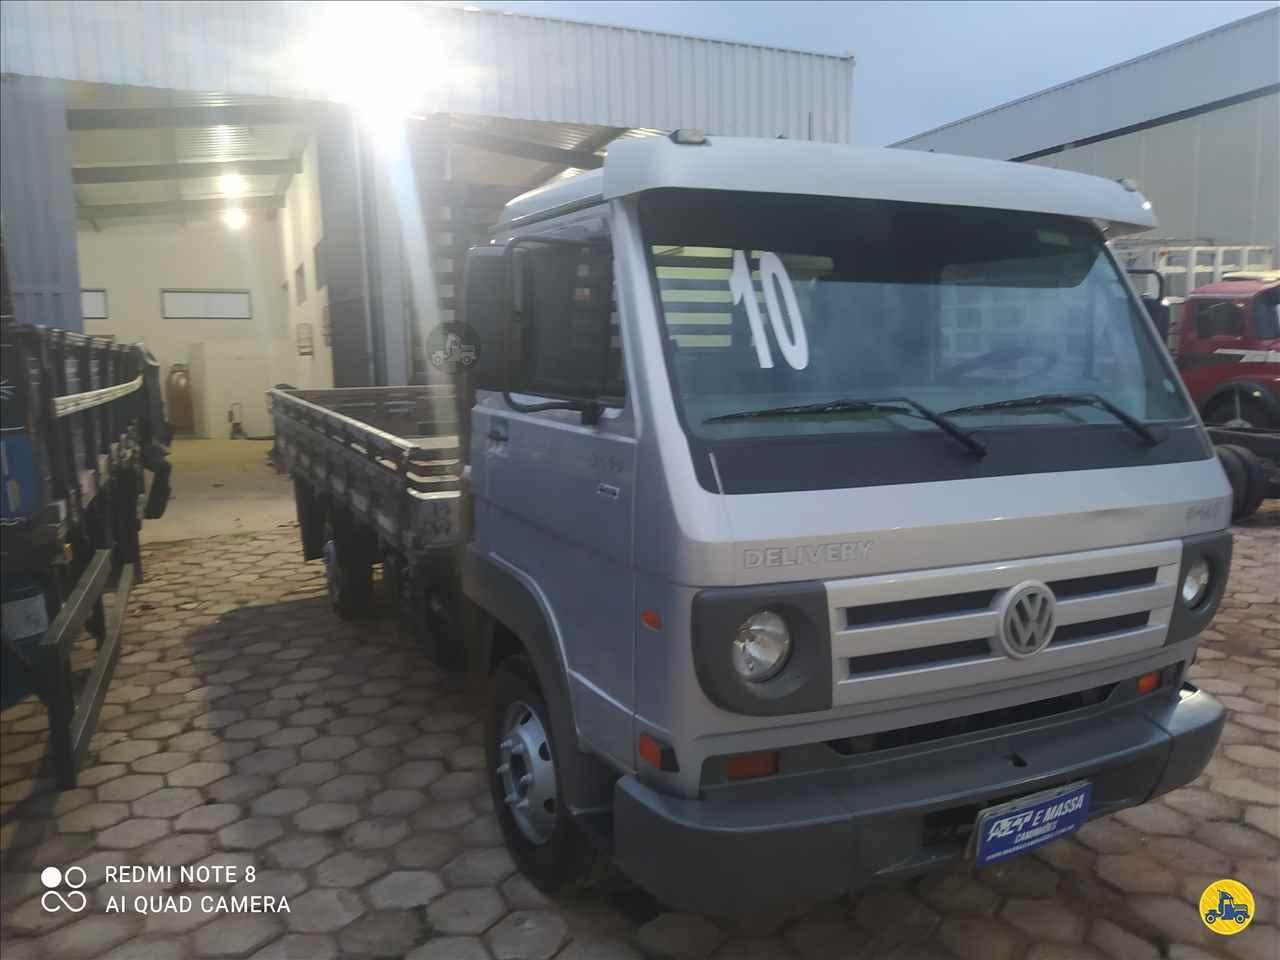 CAMINHAO VOLKSWAGEN VW 5140 Carga Seca 3/4 4x2 Massa Caminhões SAO MANUEL SÃO PAULO SP